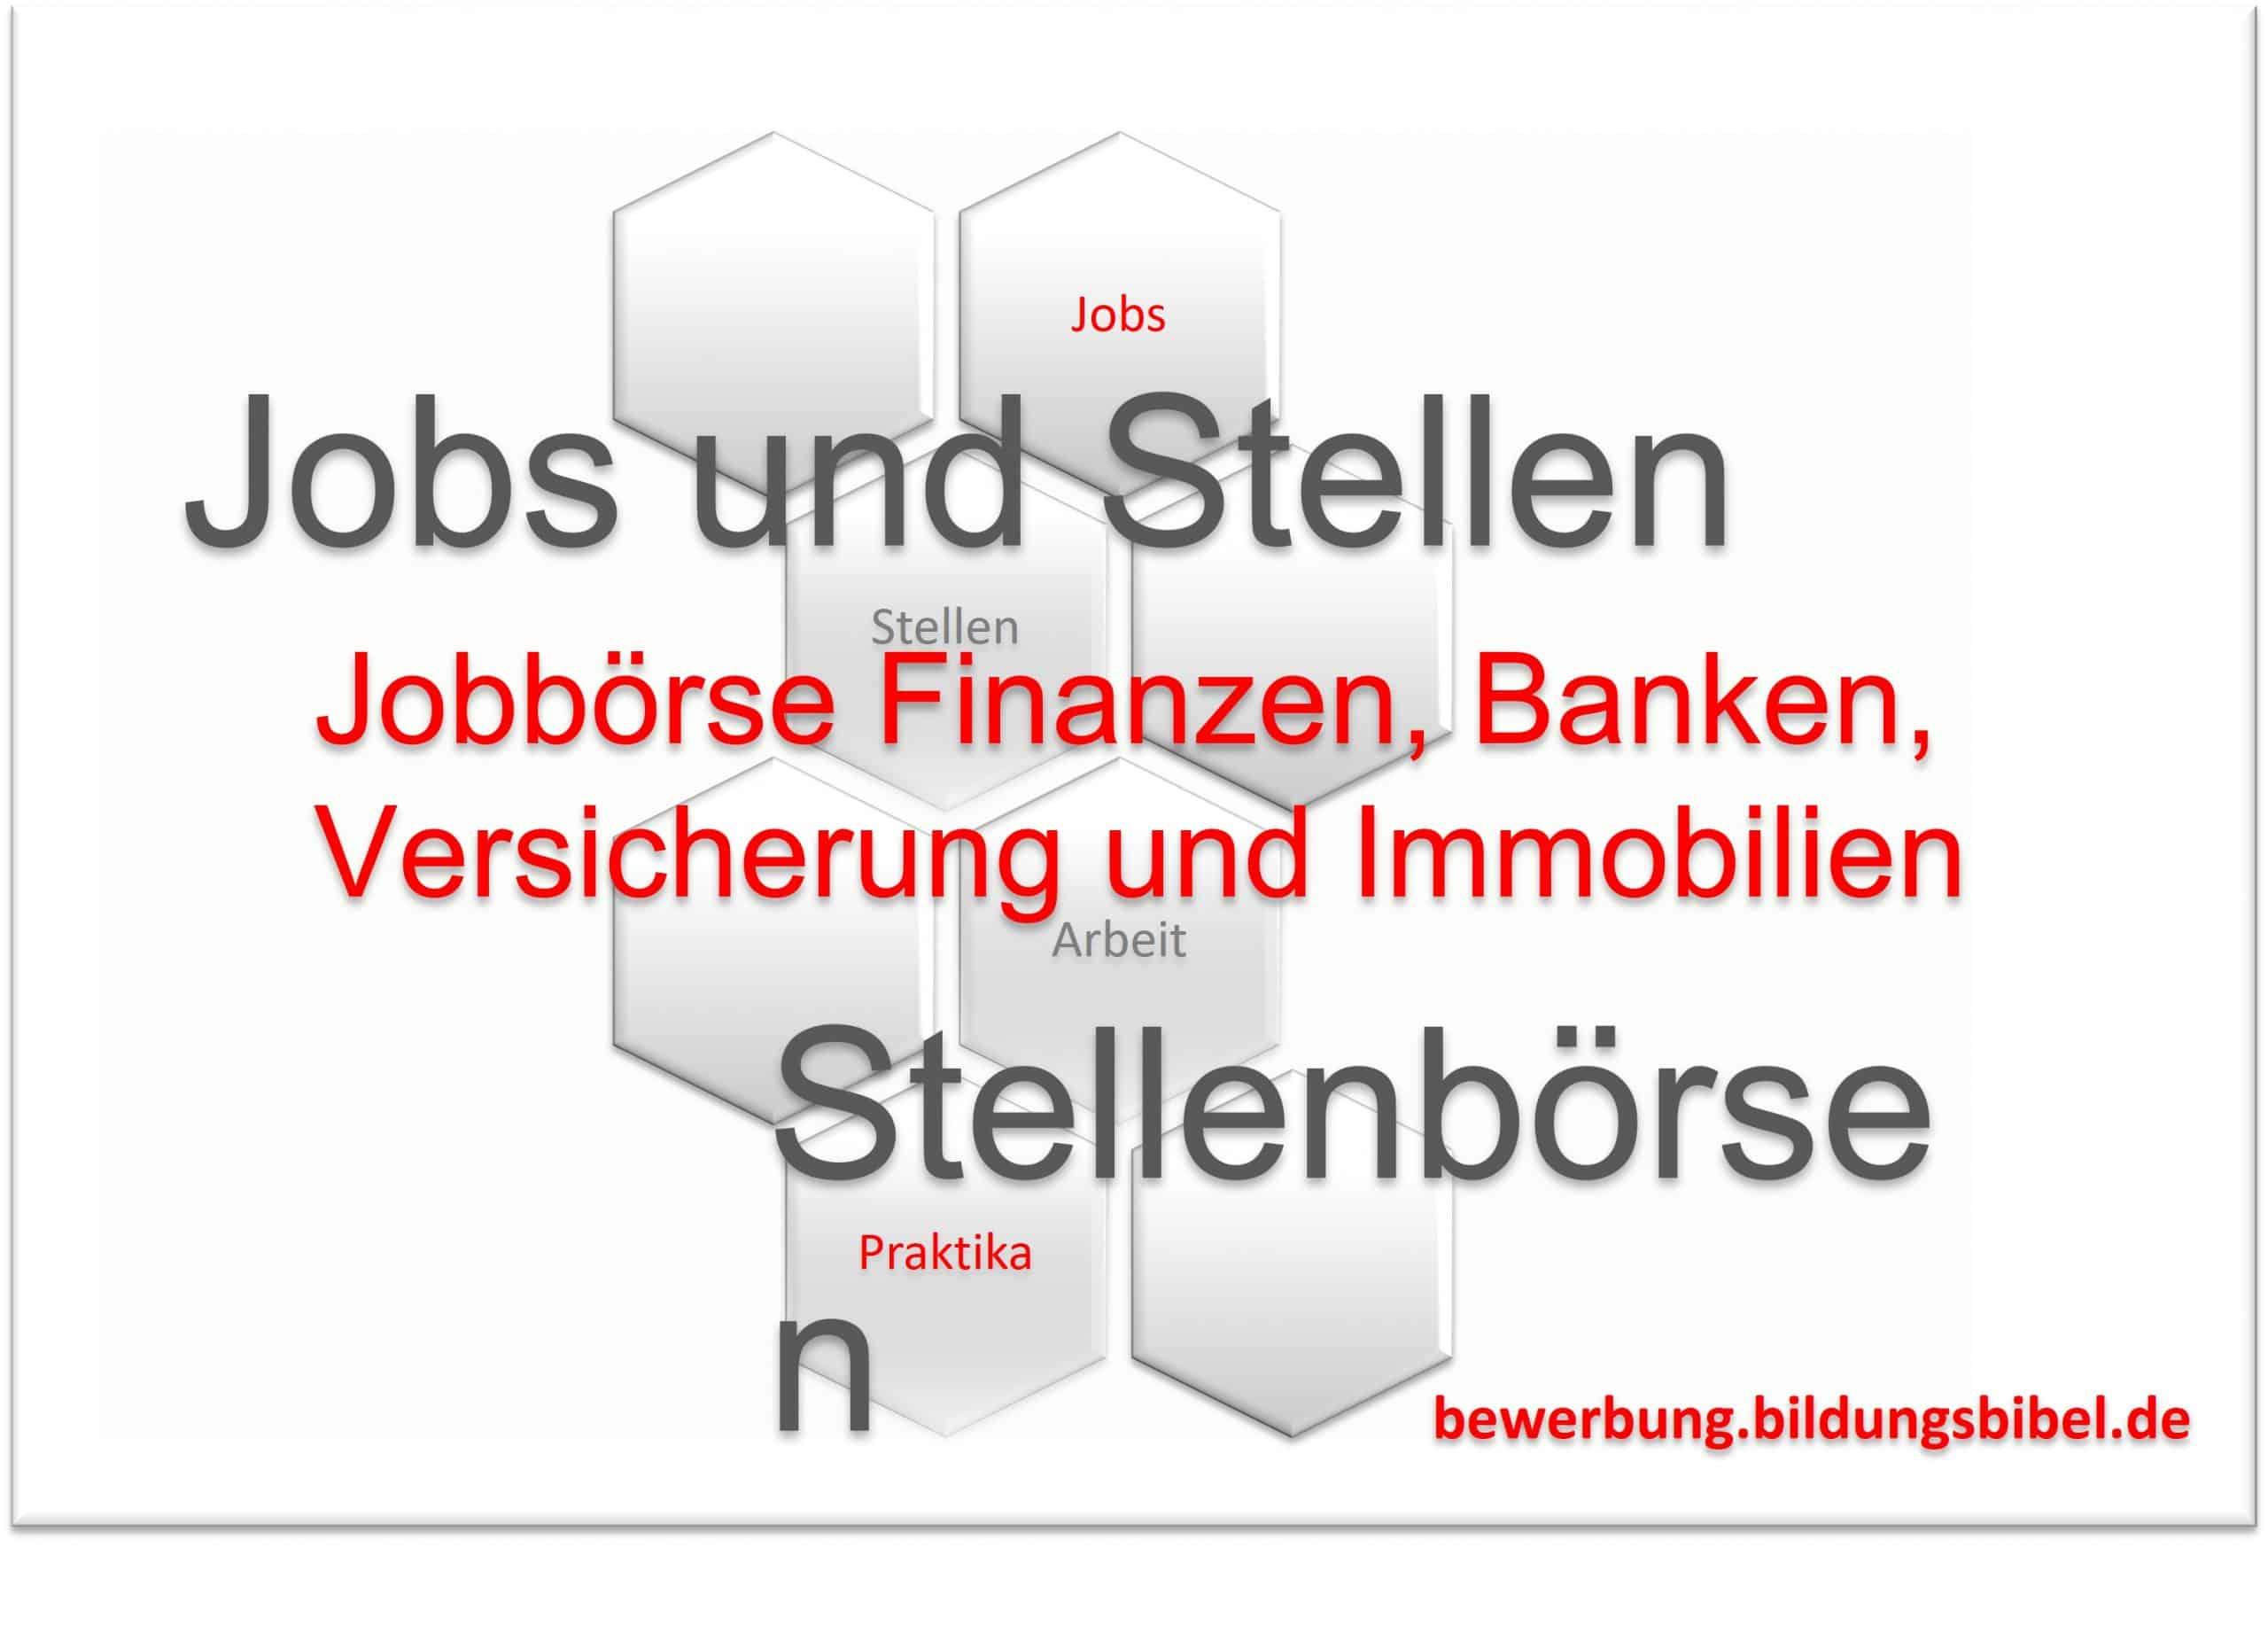 Jobbörse für Finanzen, Banken, Versicherung und Immobilien, Jobs bzw. Stellenangebot suchen und finden, Jobs für Makler, Banker und Manager.